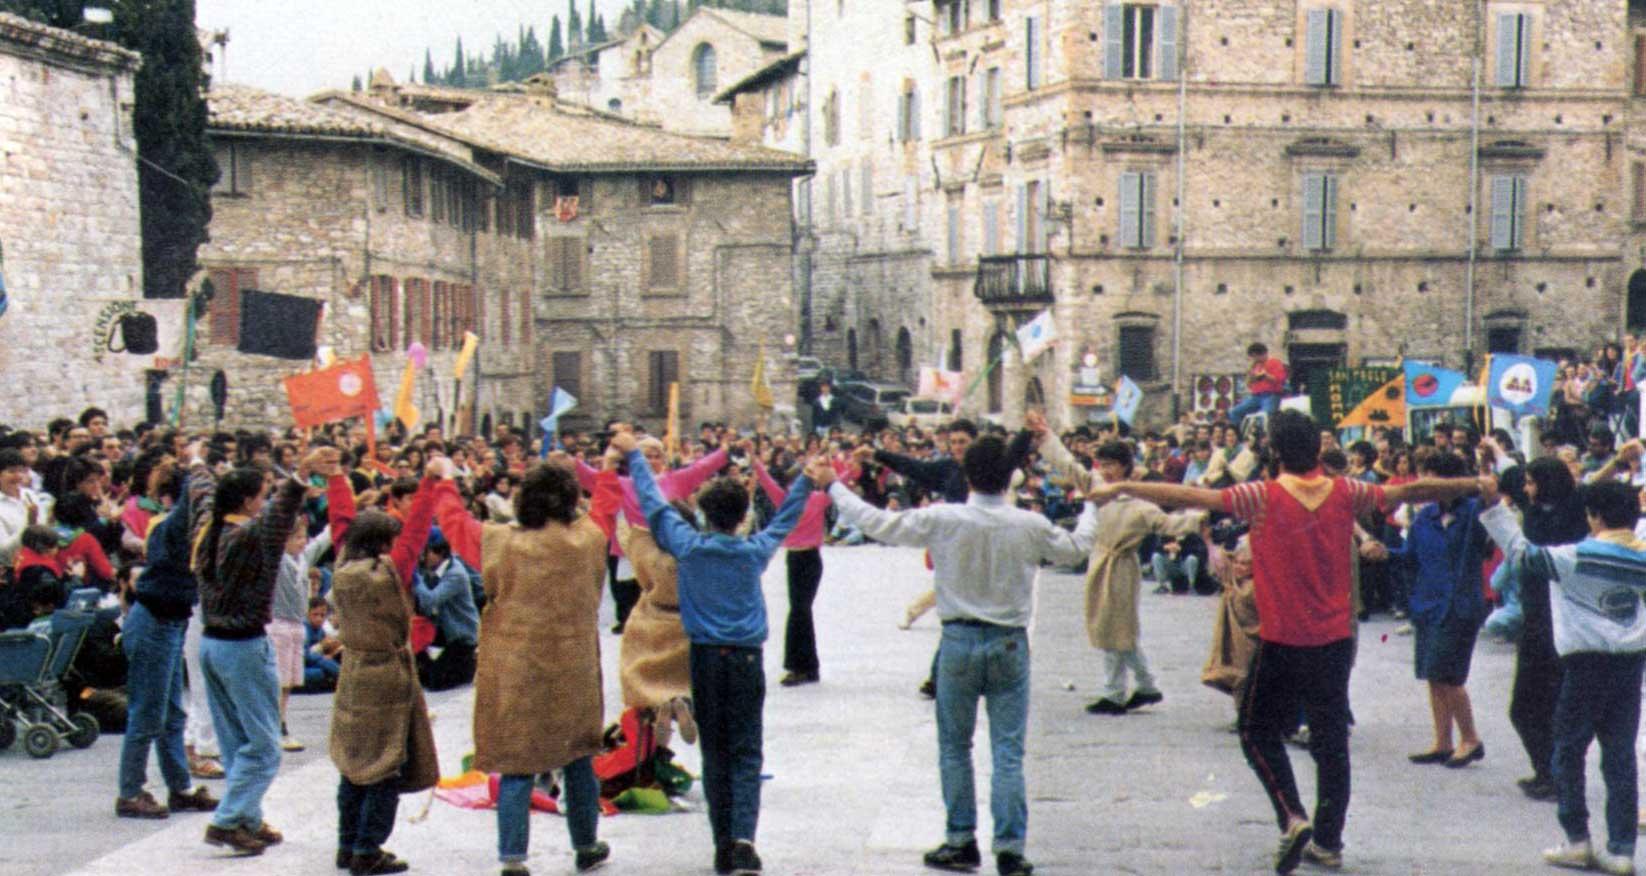 029 - Le foto del pellegrinaggio di Assisi 1986 - Ombre e Luci n.14, 1986